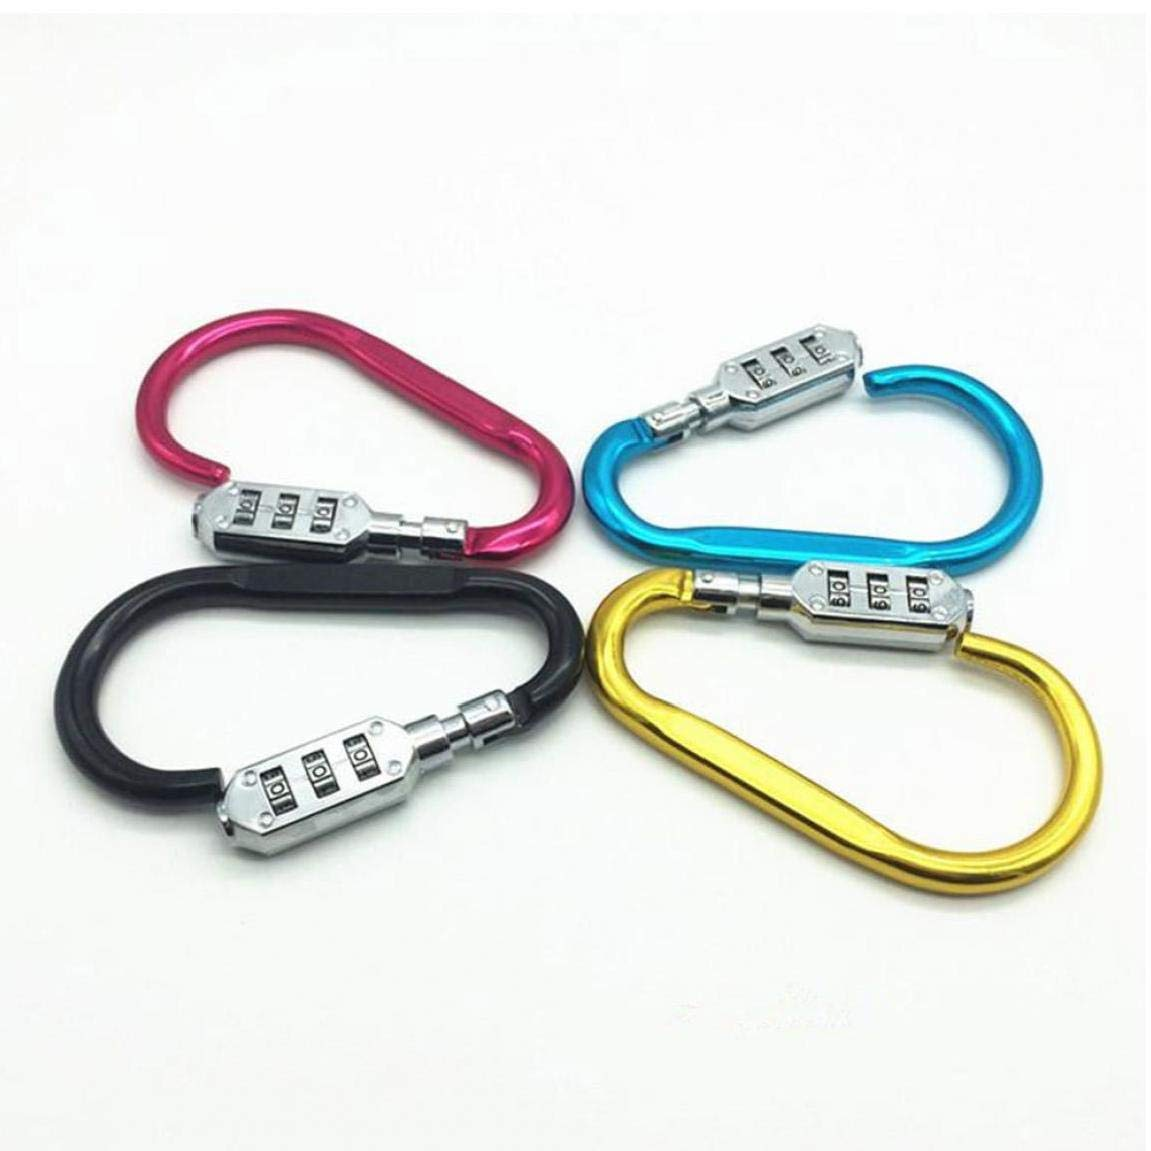 1pc Moschettone Blocco 3 Cifre Lucchetto della Valigia dei Bagagli Borsa Codice Viaggi Combination Lock Security Locks